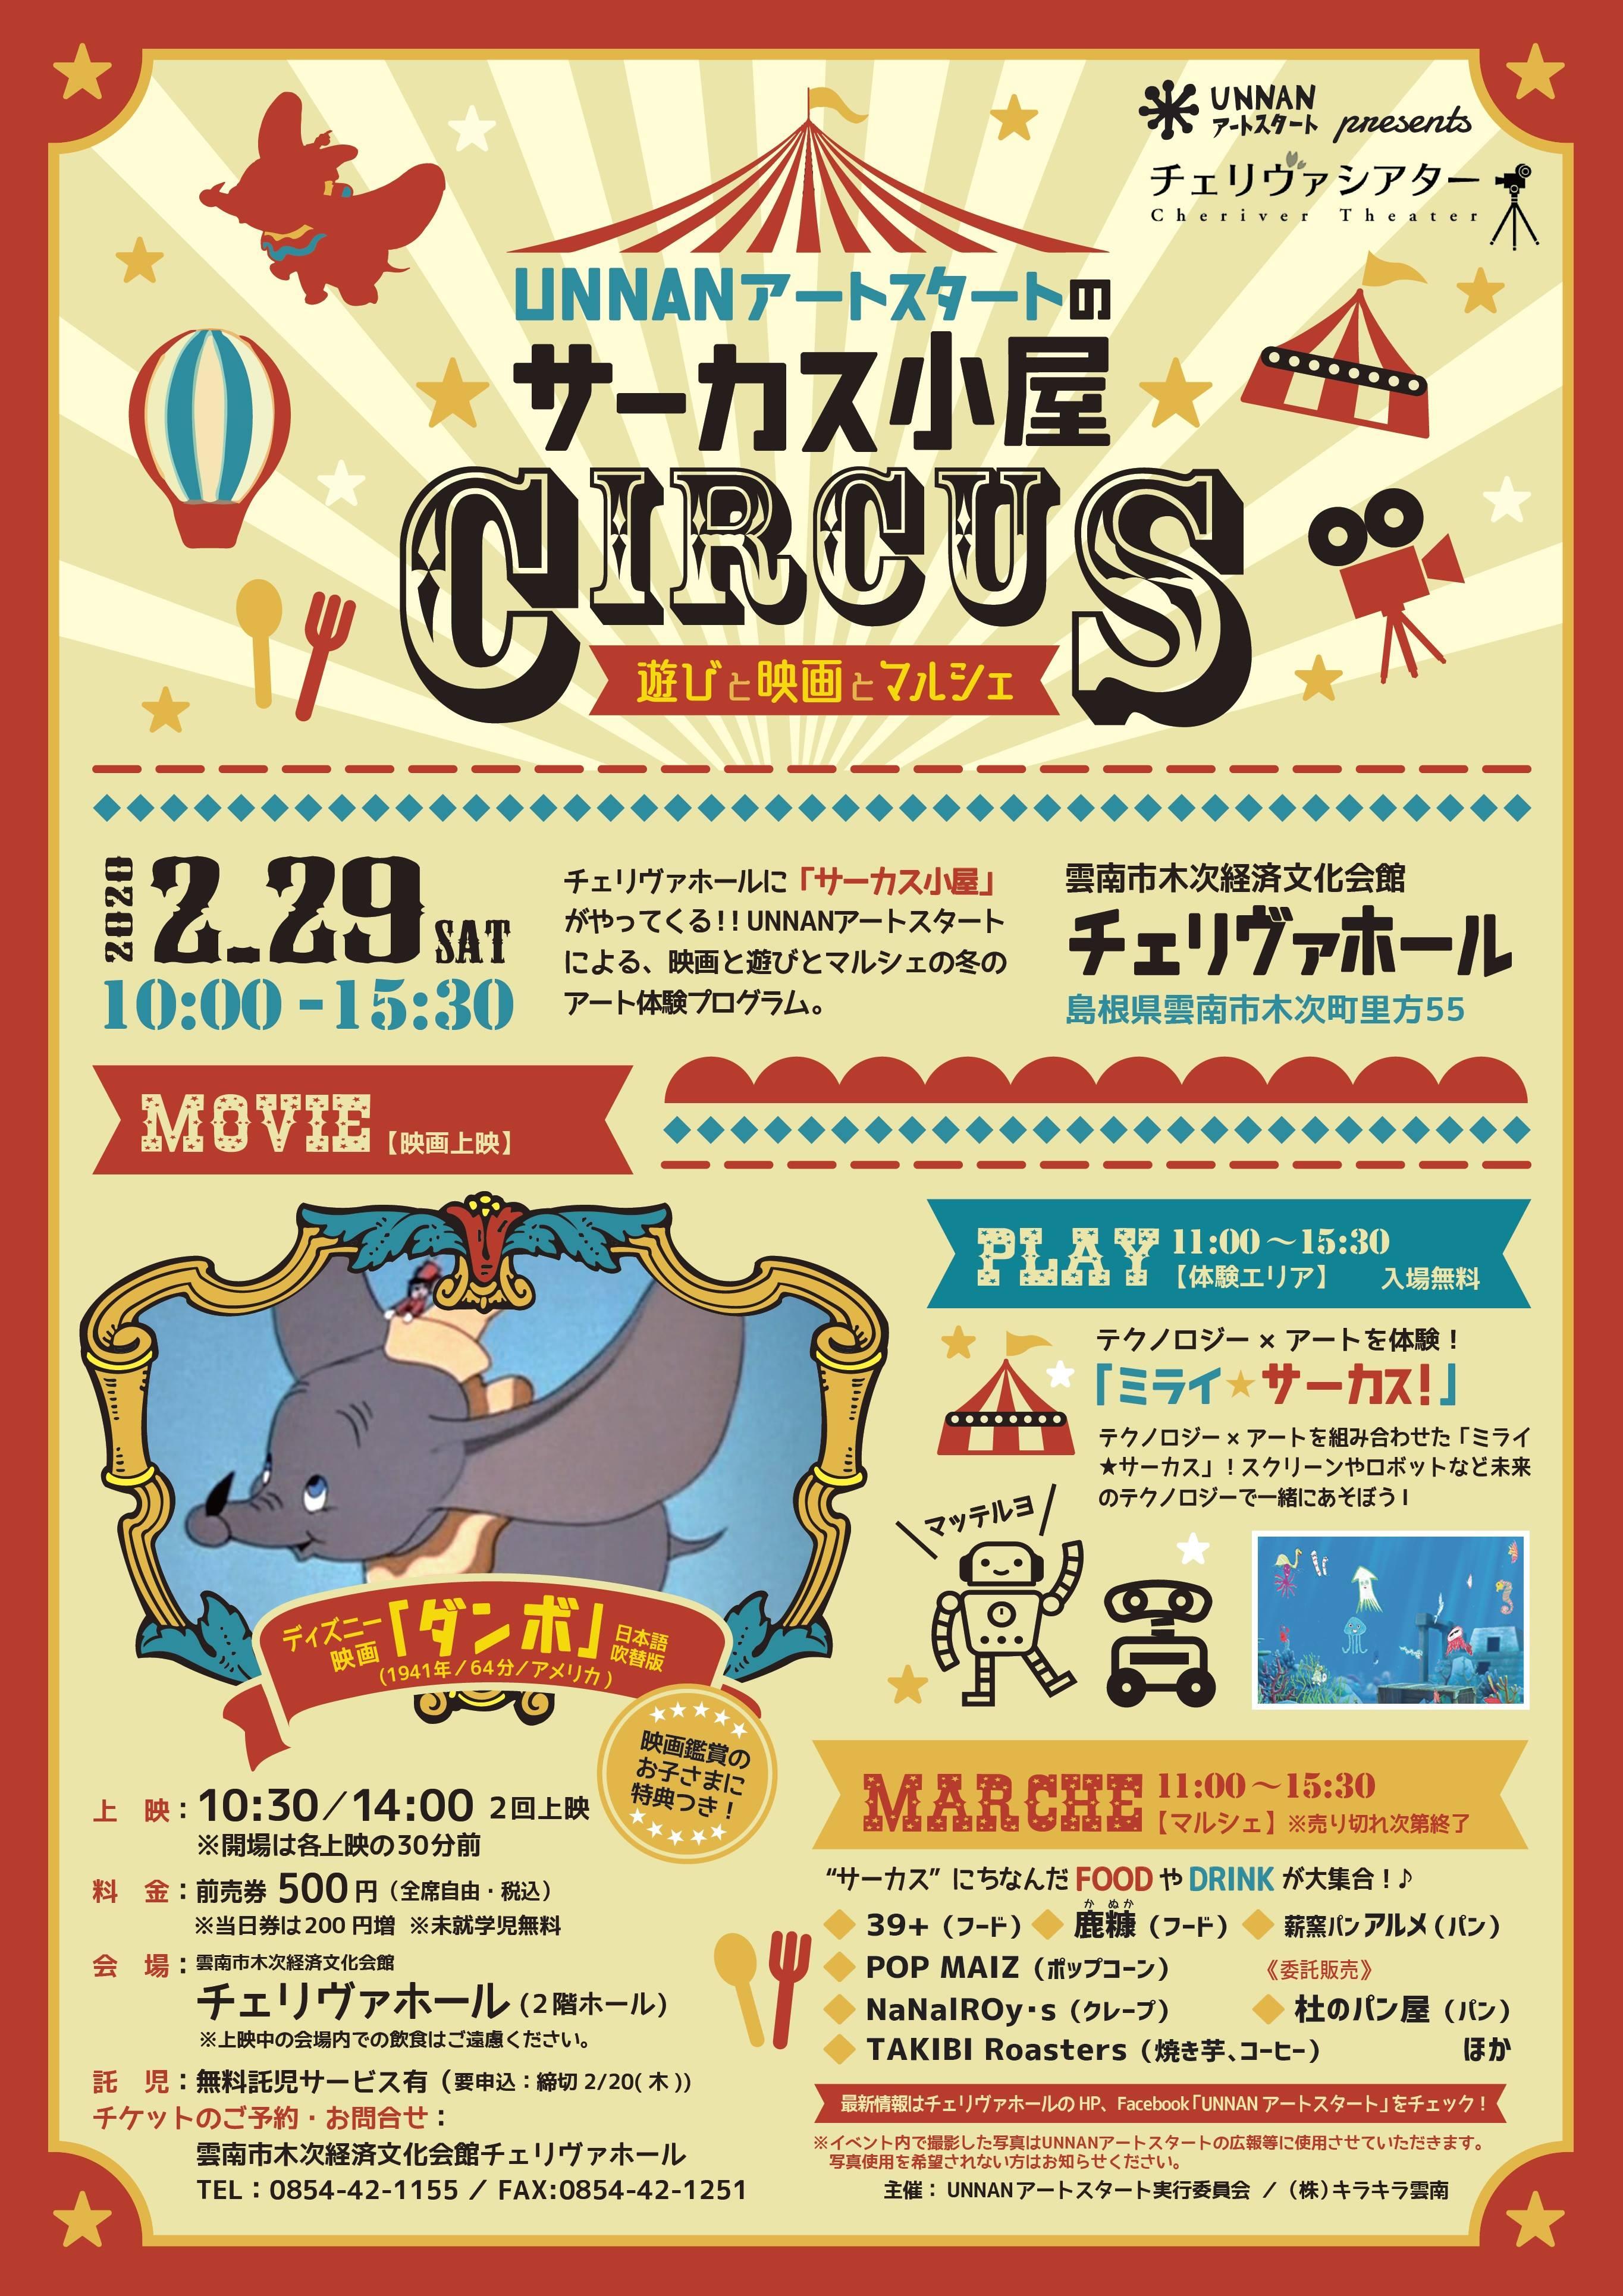 【開催延期】2/29 [UNNANアートスタートのサーカス小屋 遊びと映画とマルシェ]